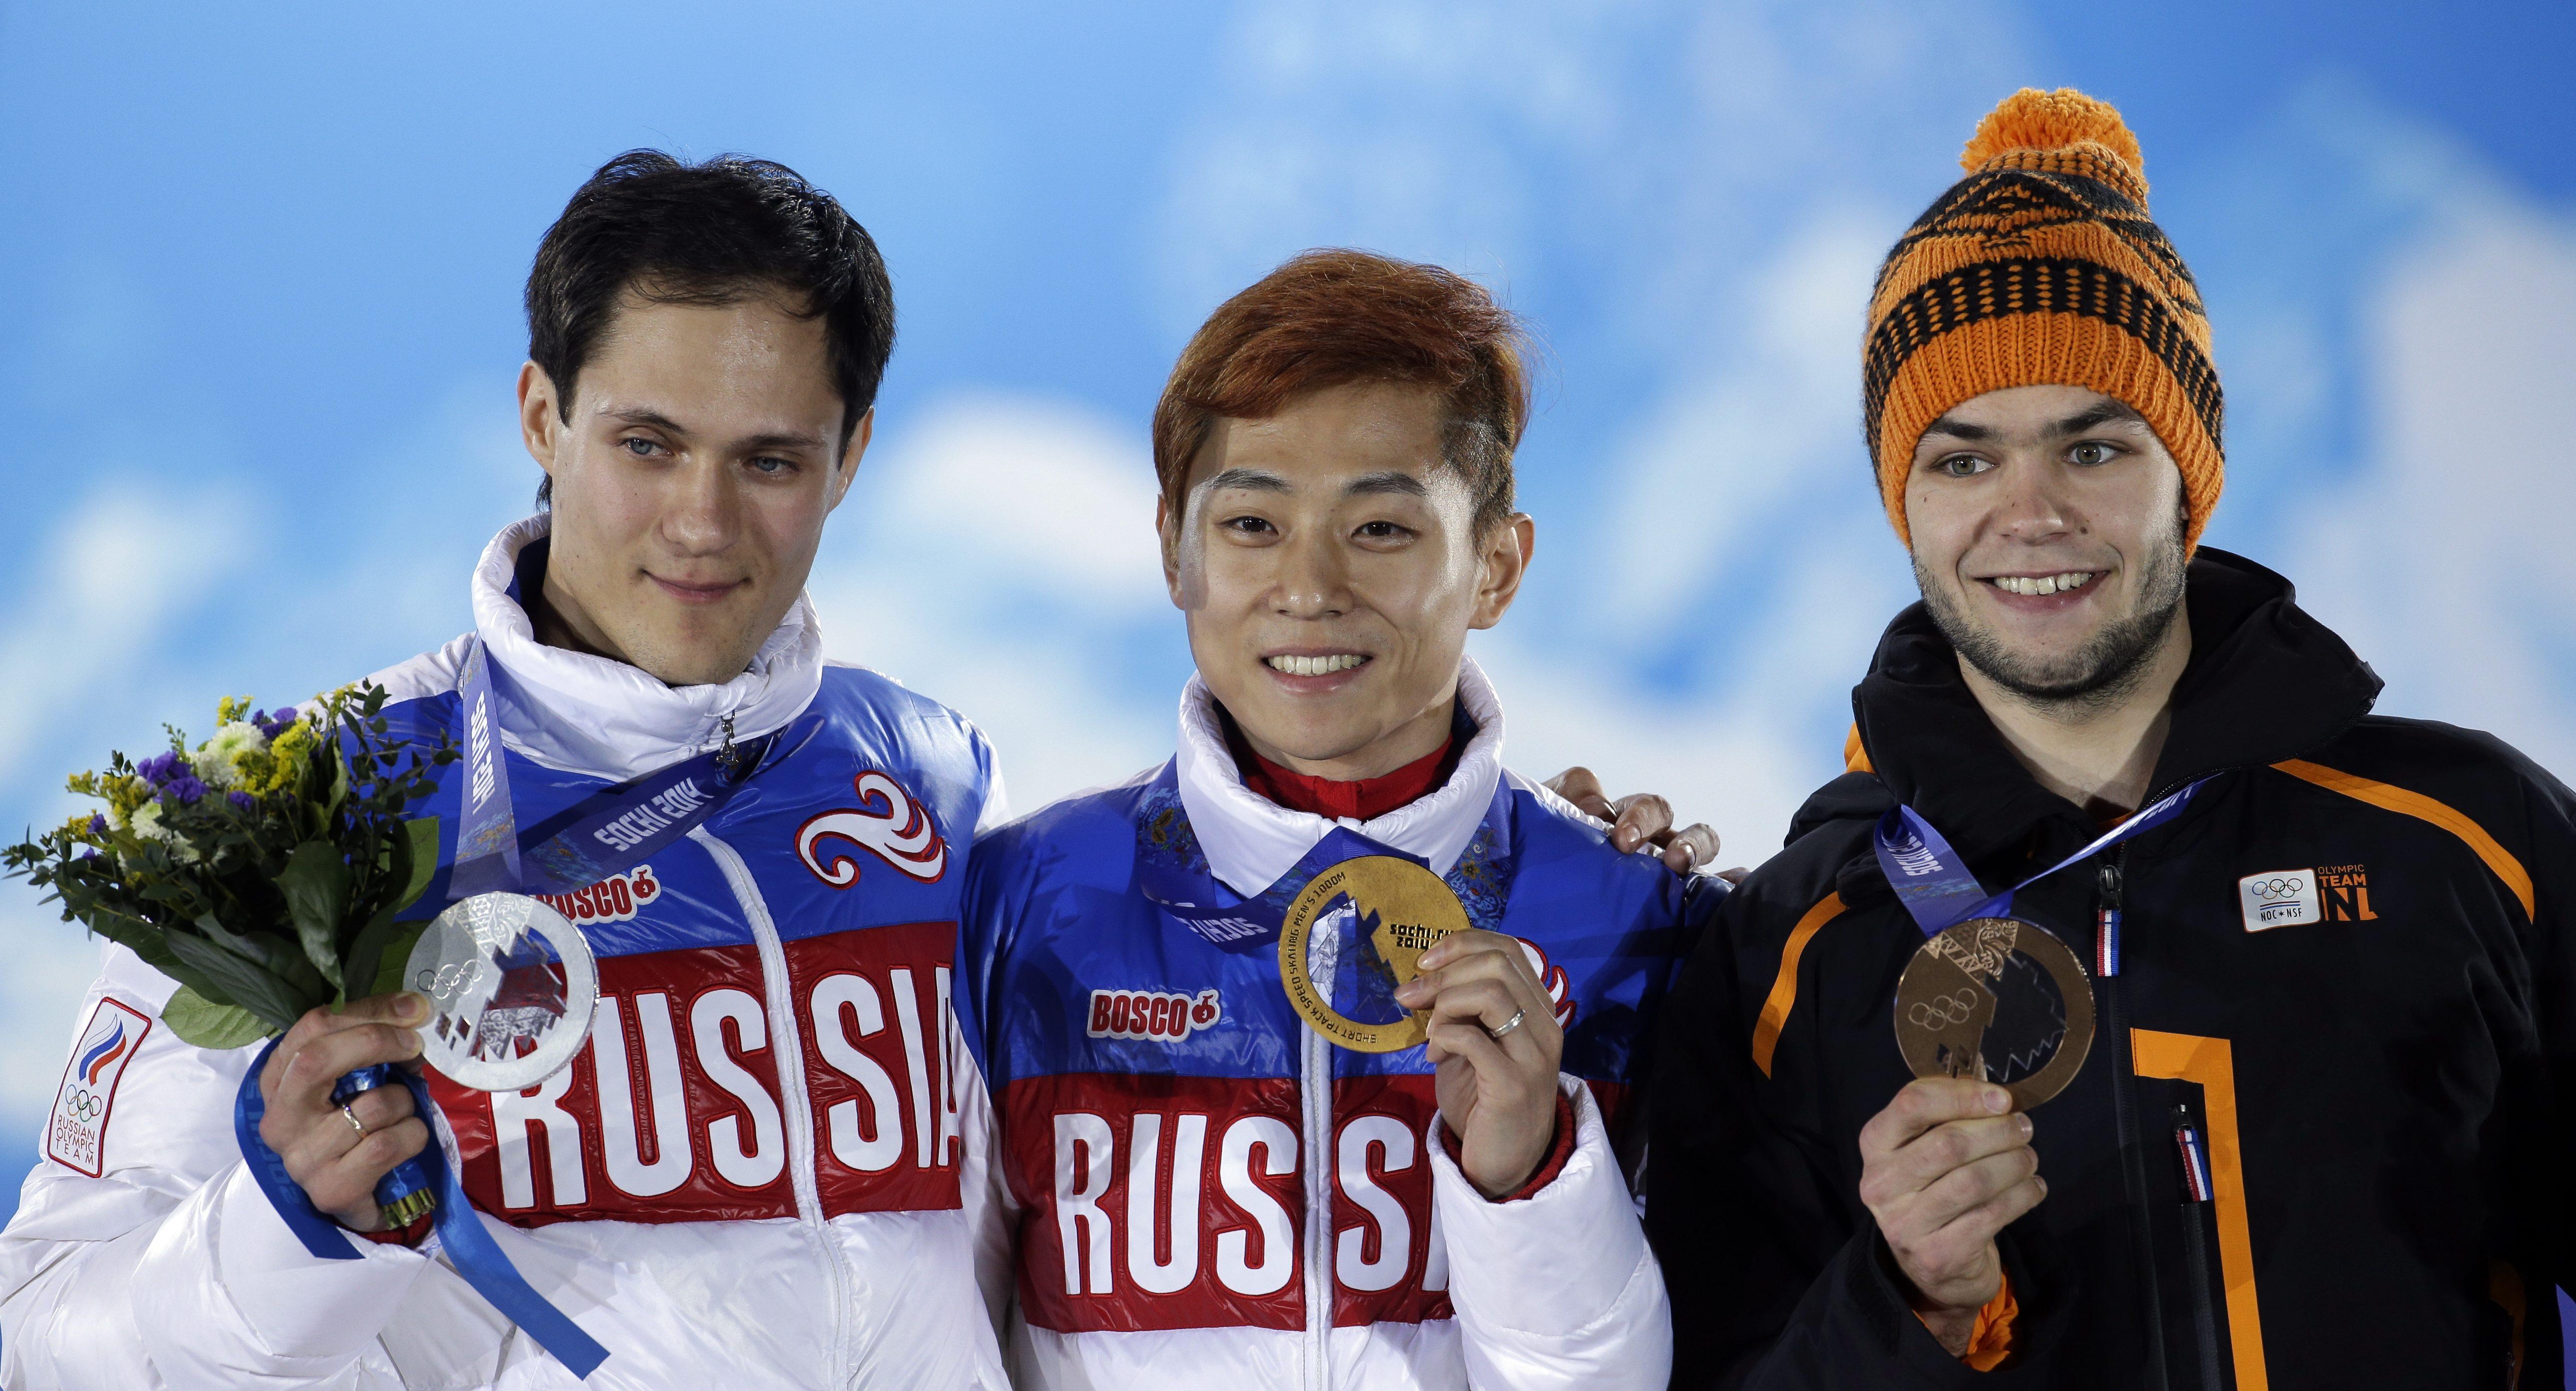 Sochi Olympics Medals Ceremony Short Track Speedskating Men